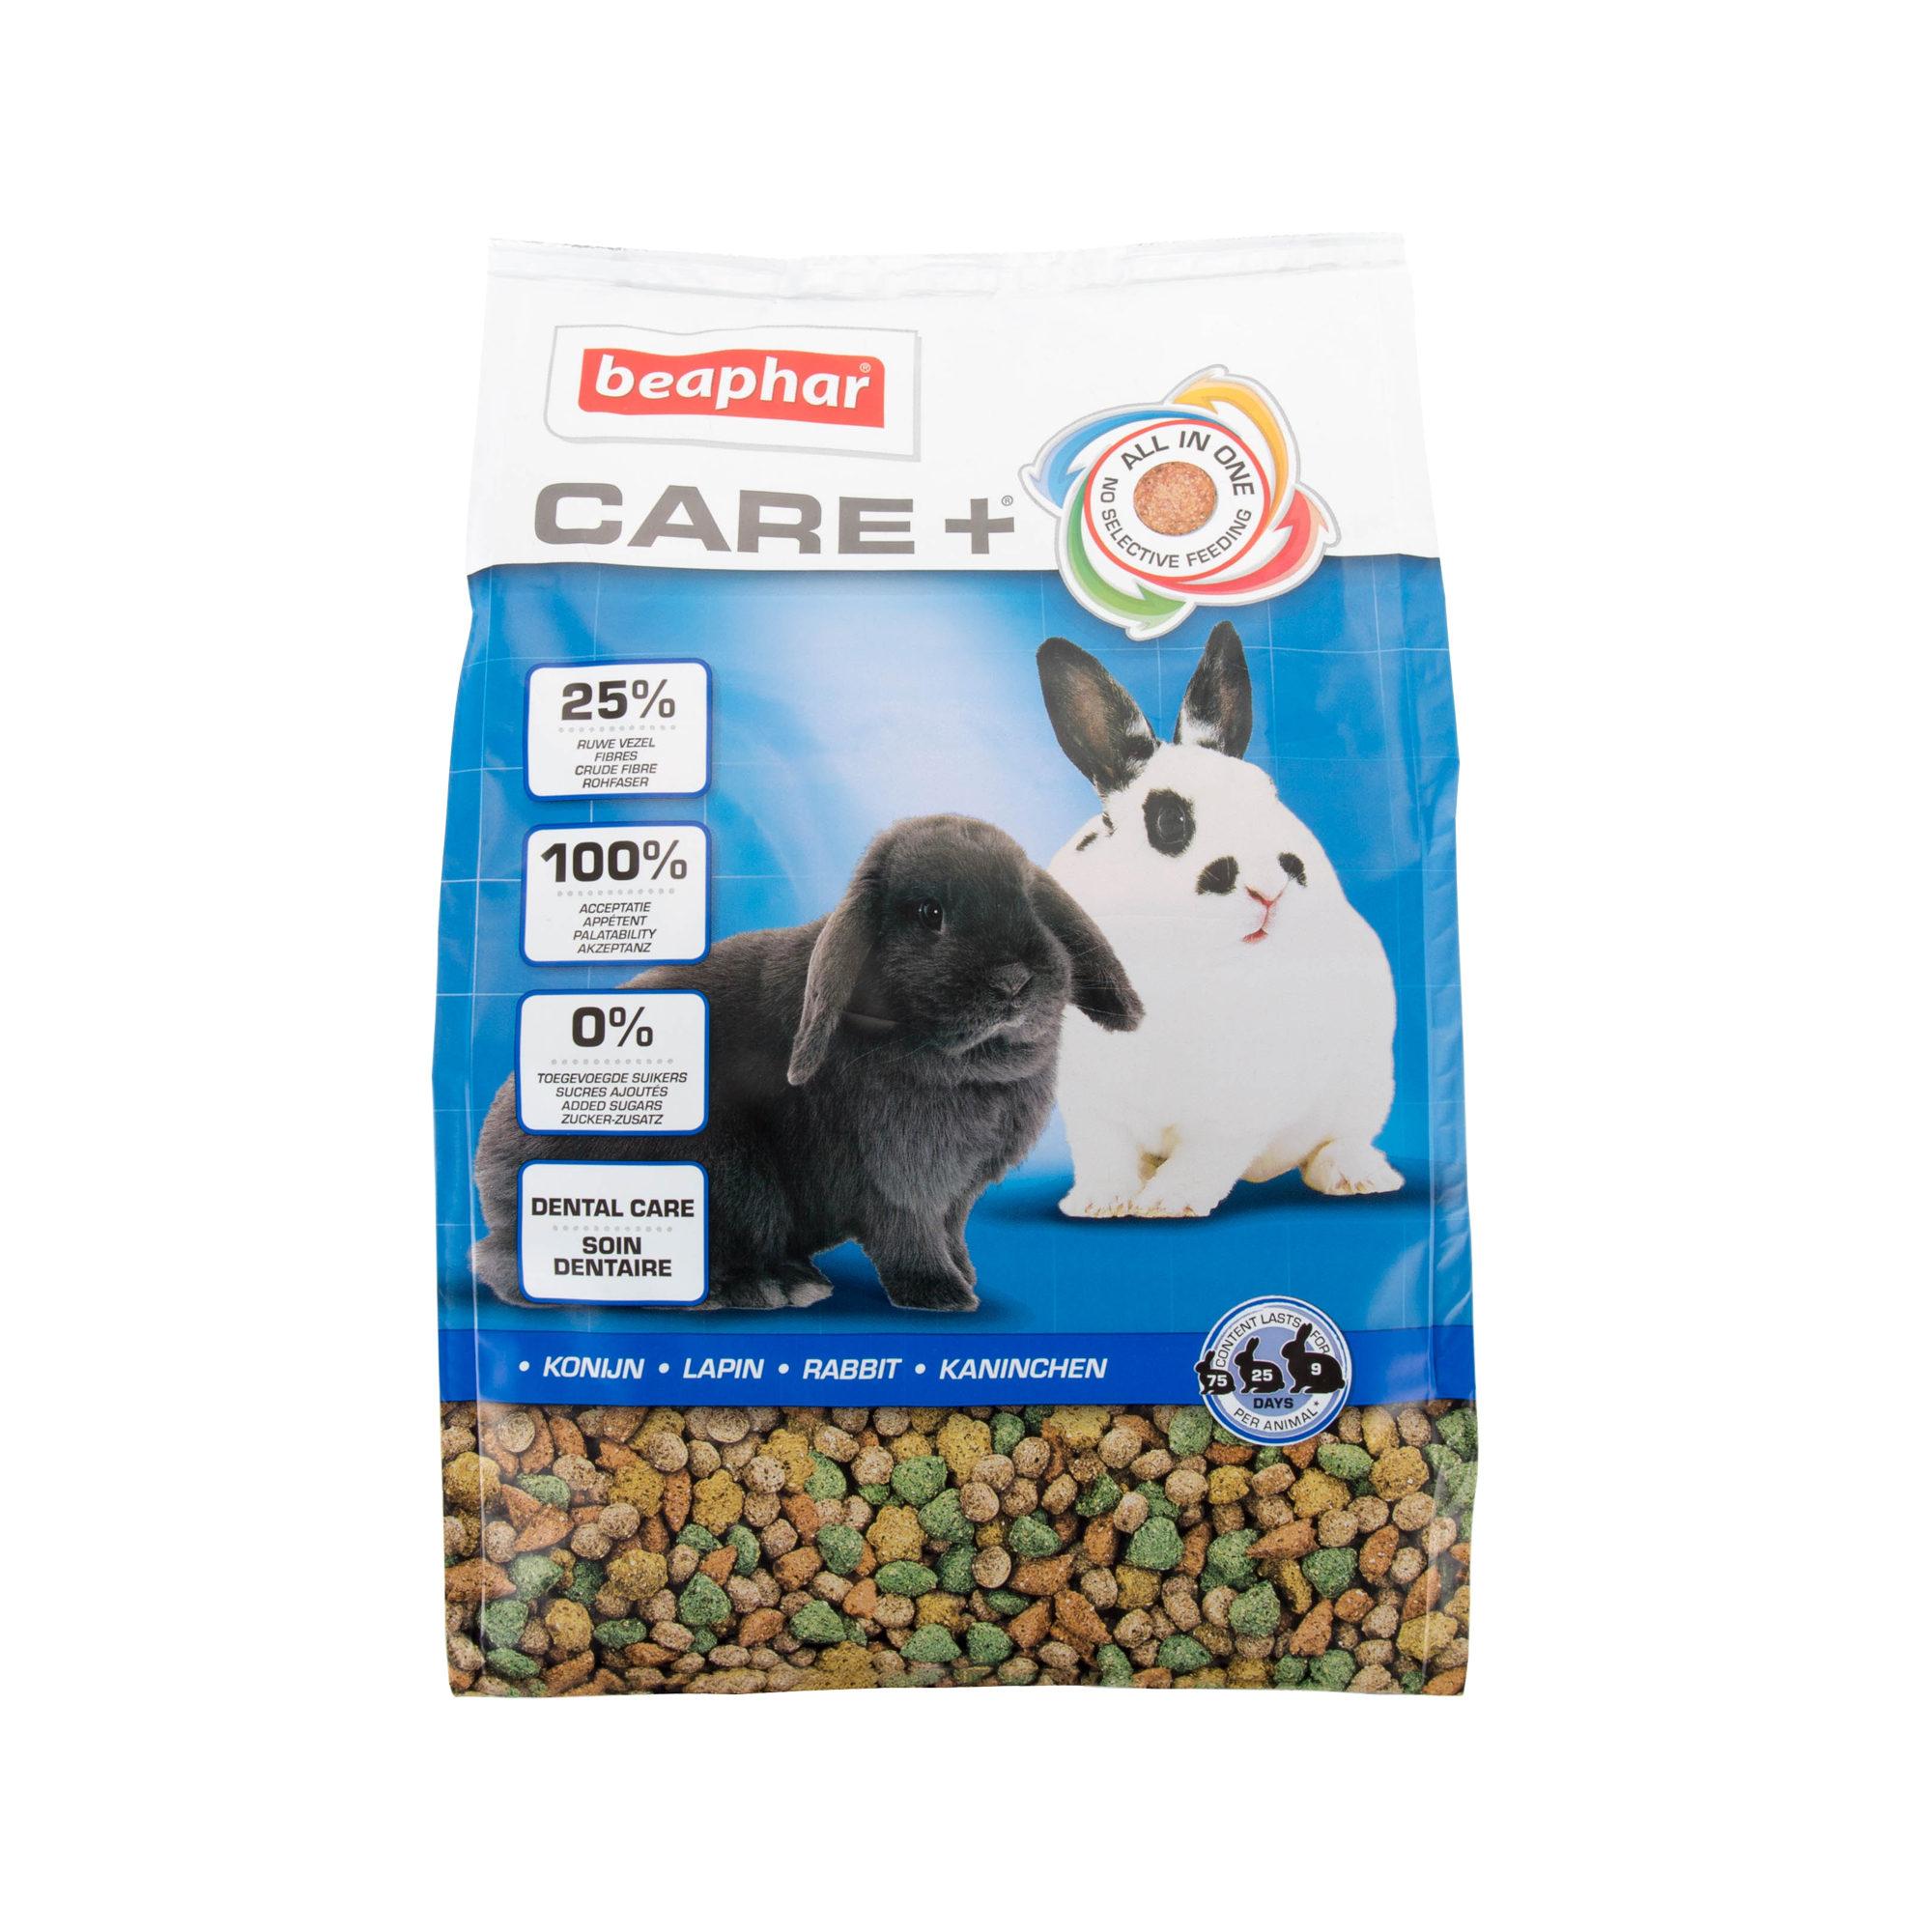 Beaphar Care+ Kaninchen